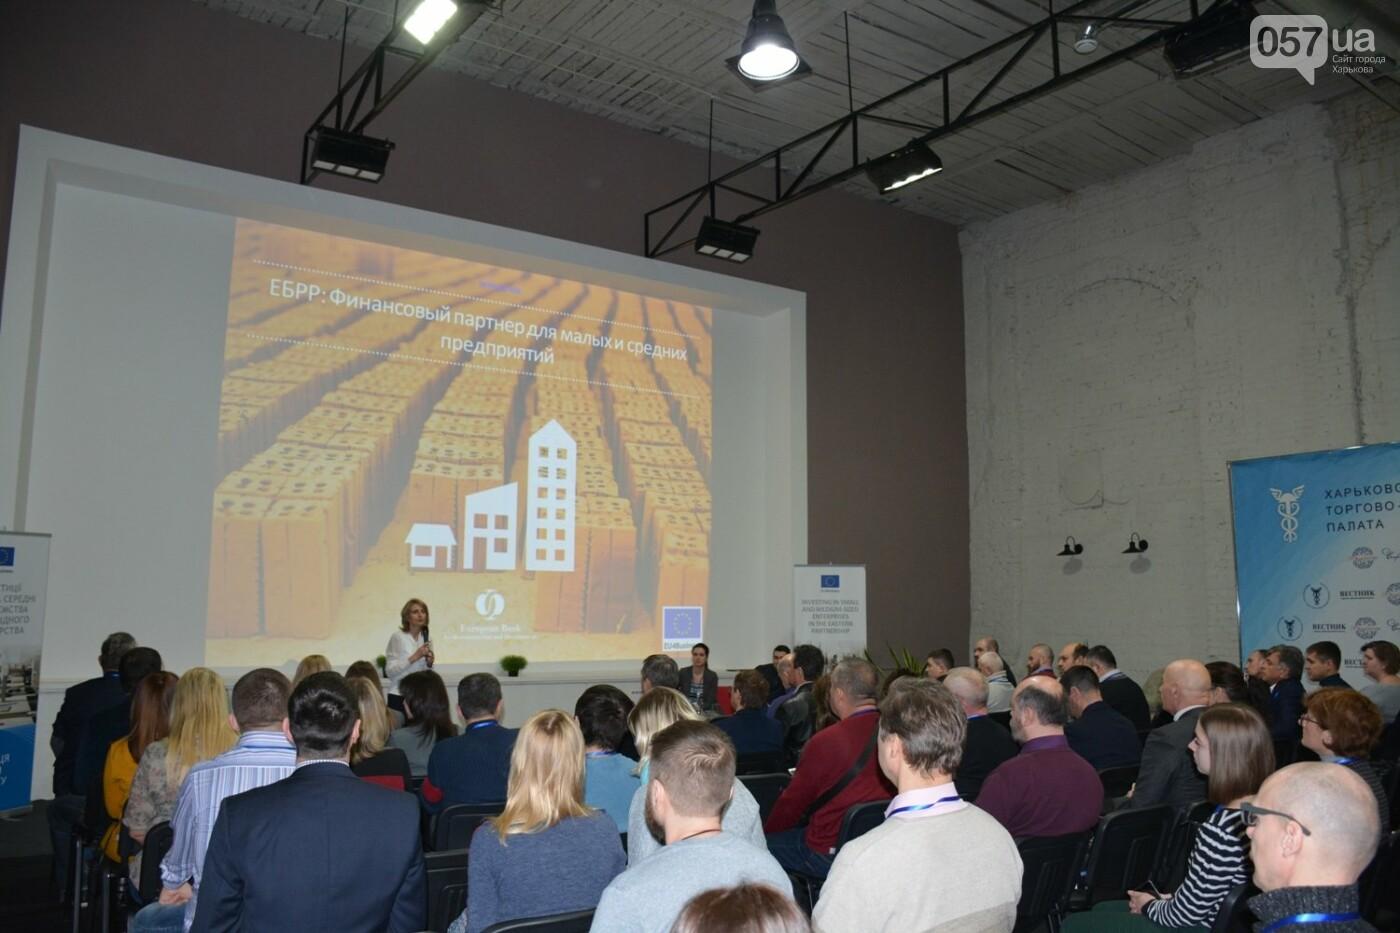 В Харькове прошла встреча представителей ЕБРР и владельцев среднего и малого бизнеса, фото-1